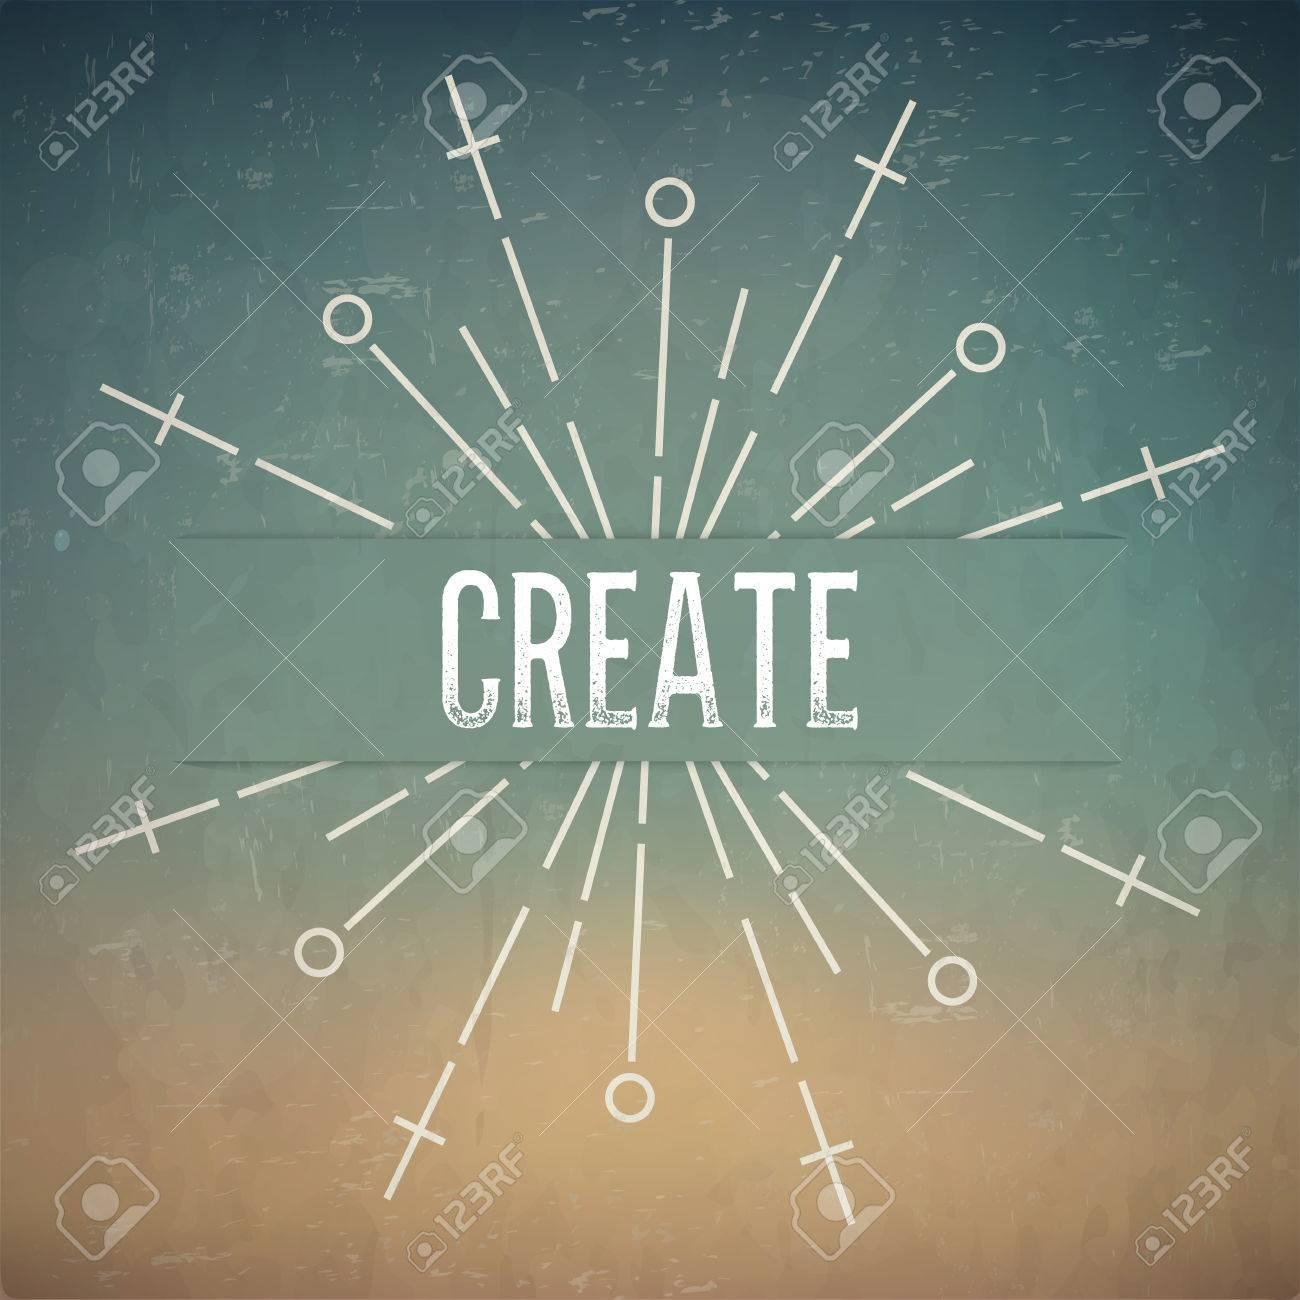 Diseño Abstracto Creativo Concepto De Diseño Vectorial Con El Texto ...